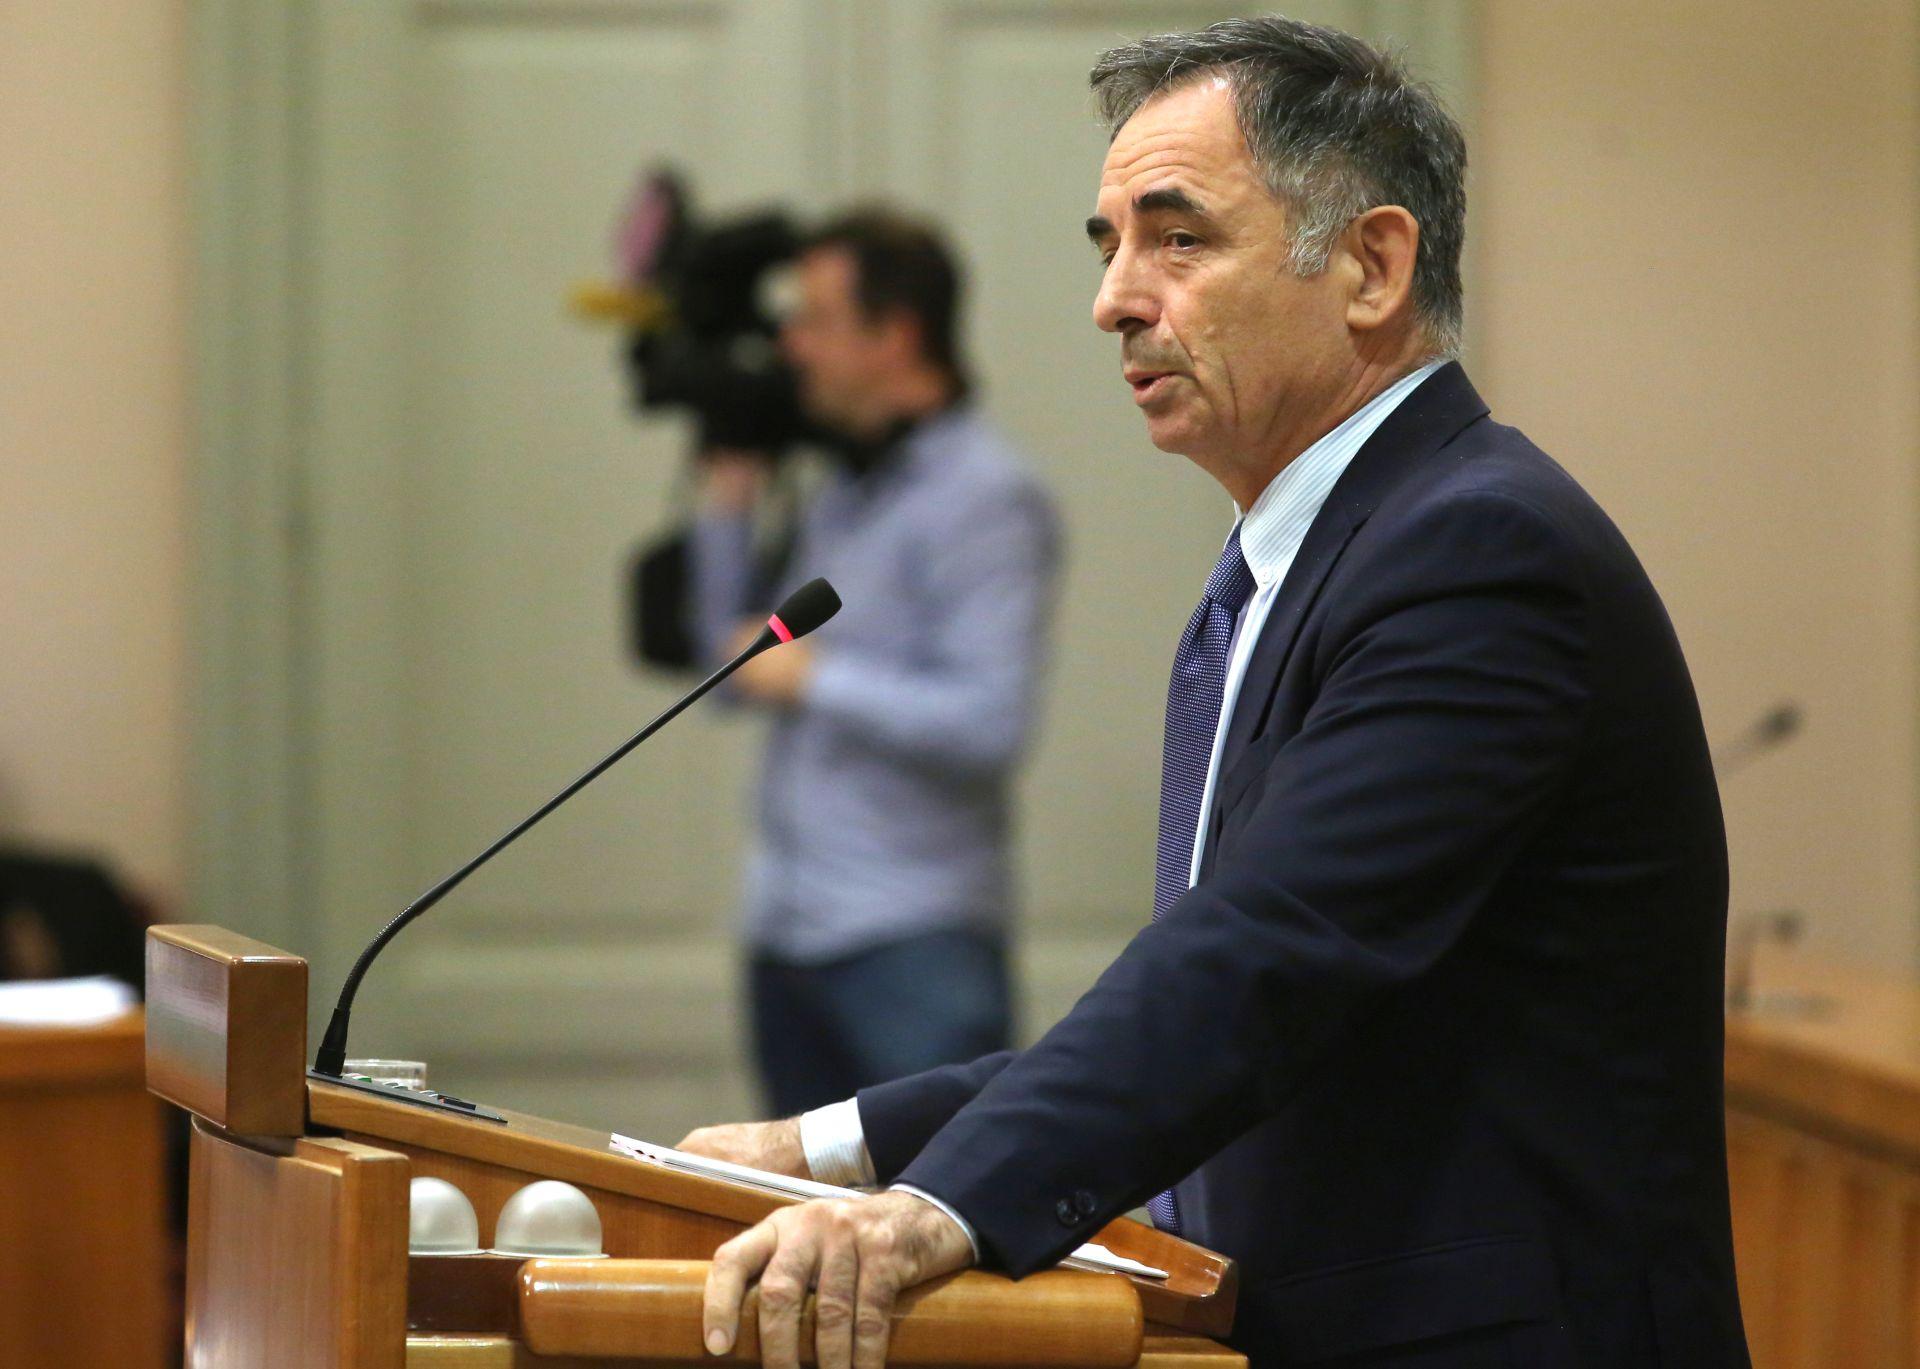 PUPOVAC 'Podržavamo politiku Vlade da kontrolira procese vezane uz Agrokor'